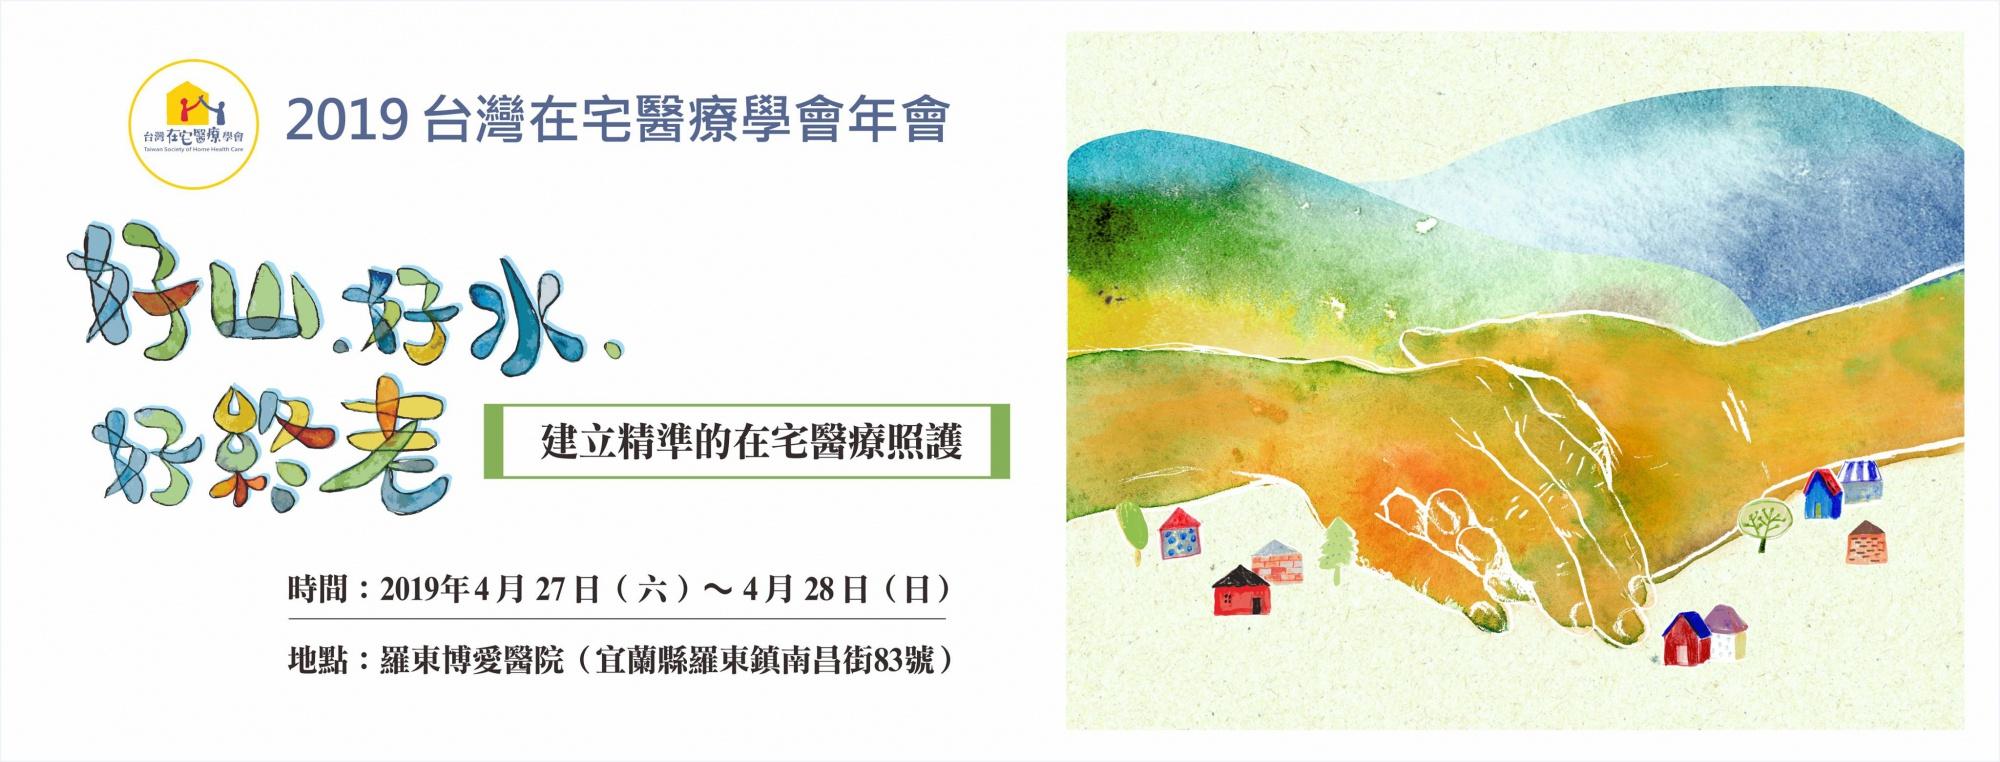 附件五:2019-在宅年會-banner(三版)(20181022).jpg